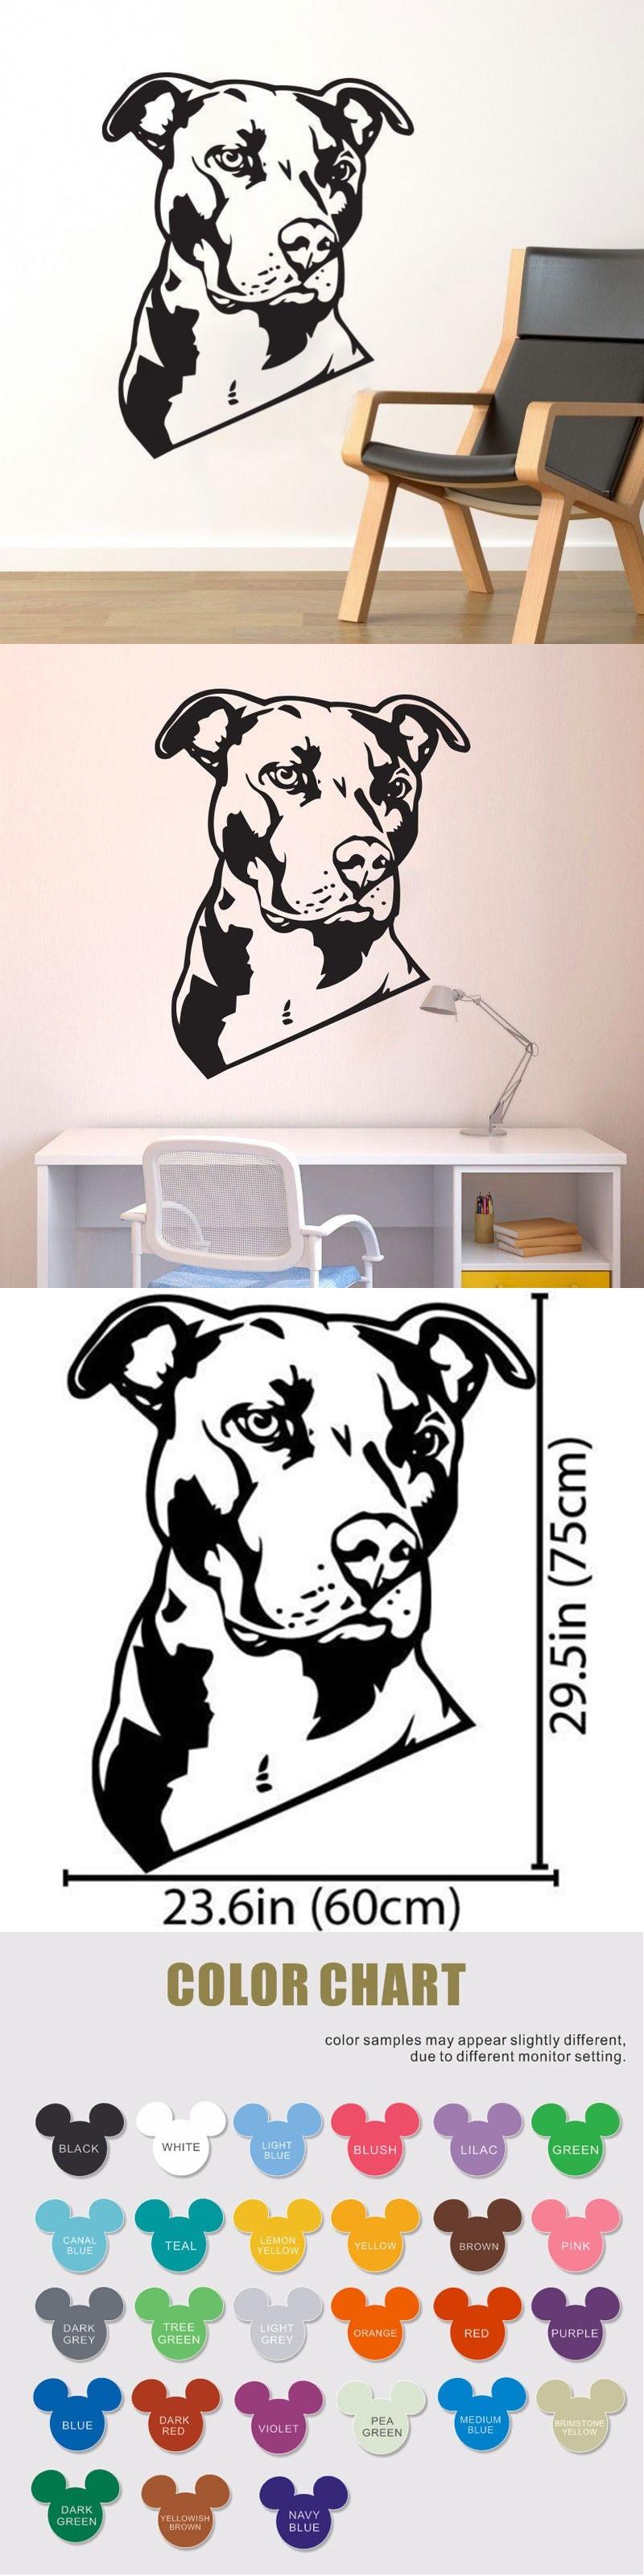 Bulldog Wall Decal Vinyl Sticker - Cute Dog Wallpaper Wall ArtDecor, Dalmatians Mural, Pet Shops, Home Decoration Mural Design $12.99